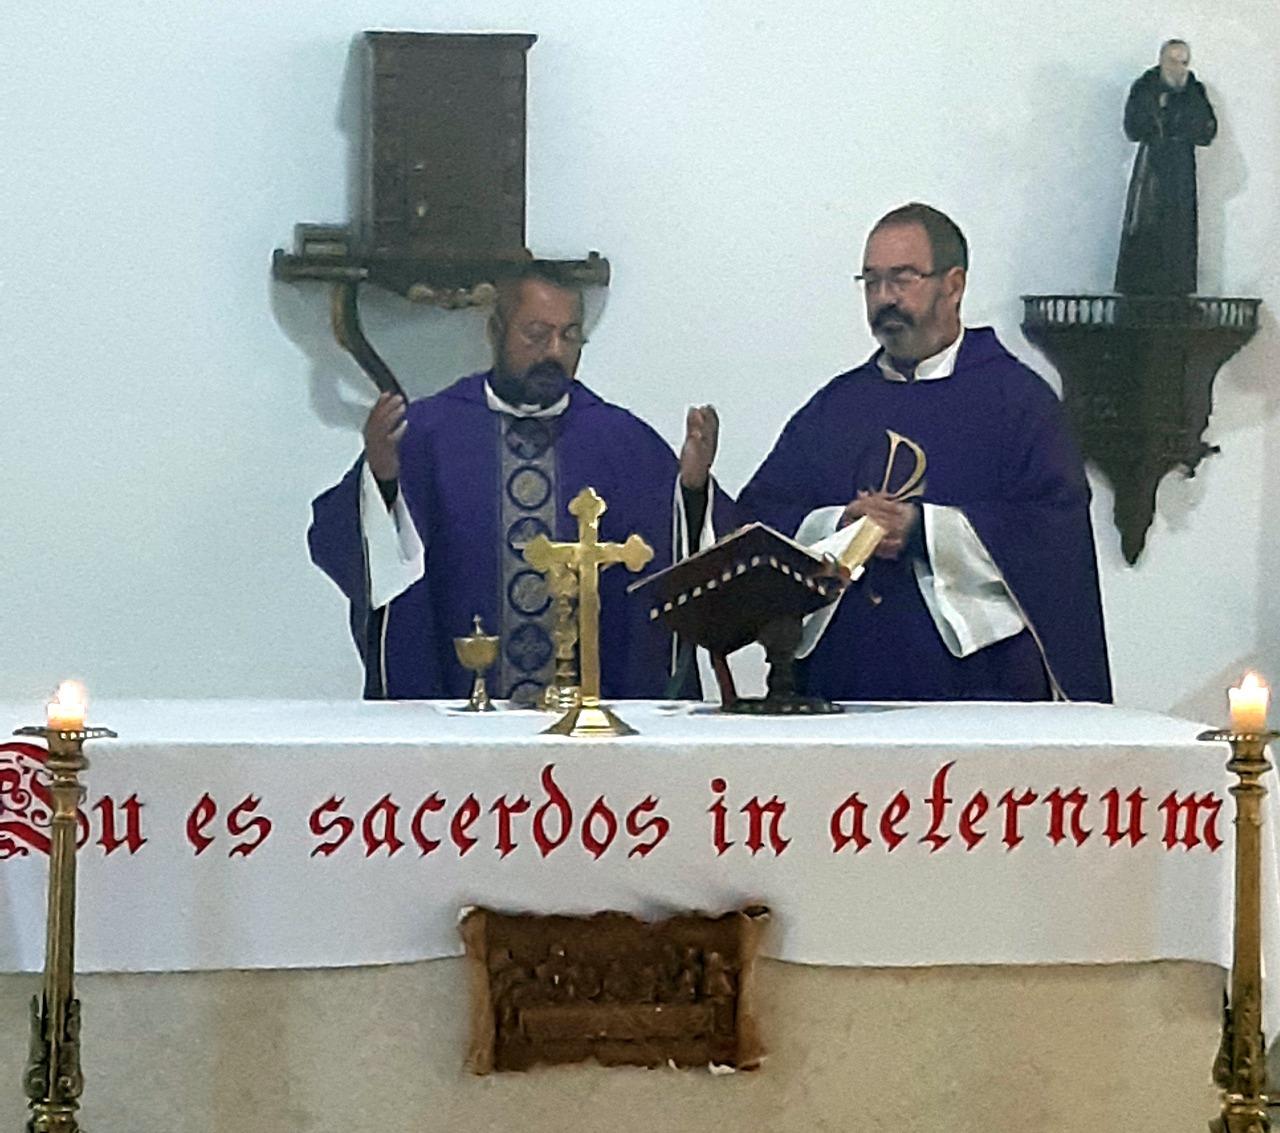 EGIPTO: ¡Un nuevo sacerdote para la Ciudad de la Caridad!